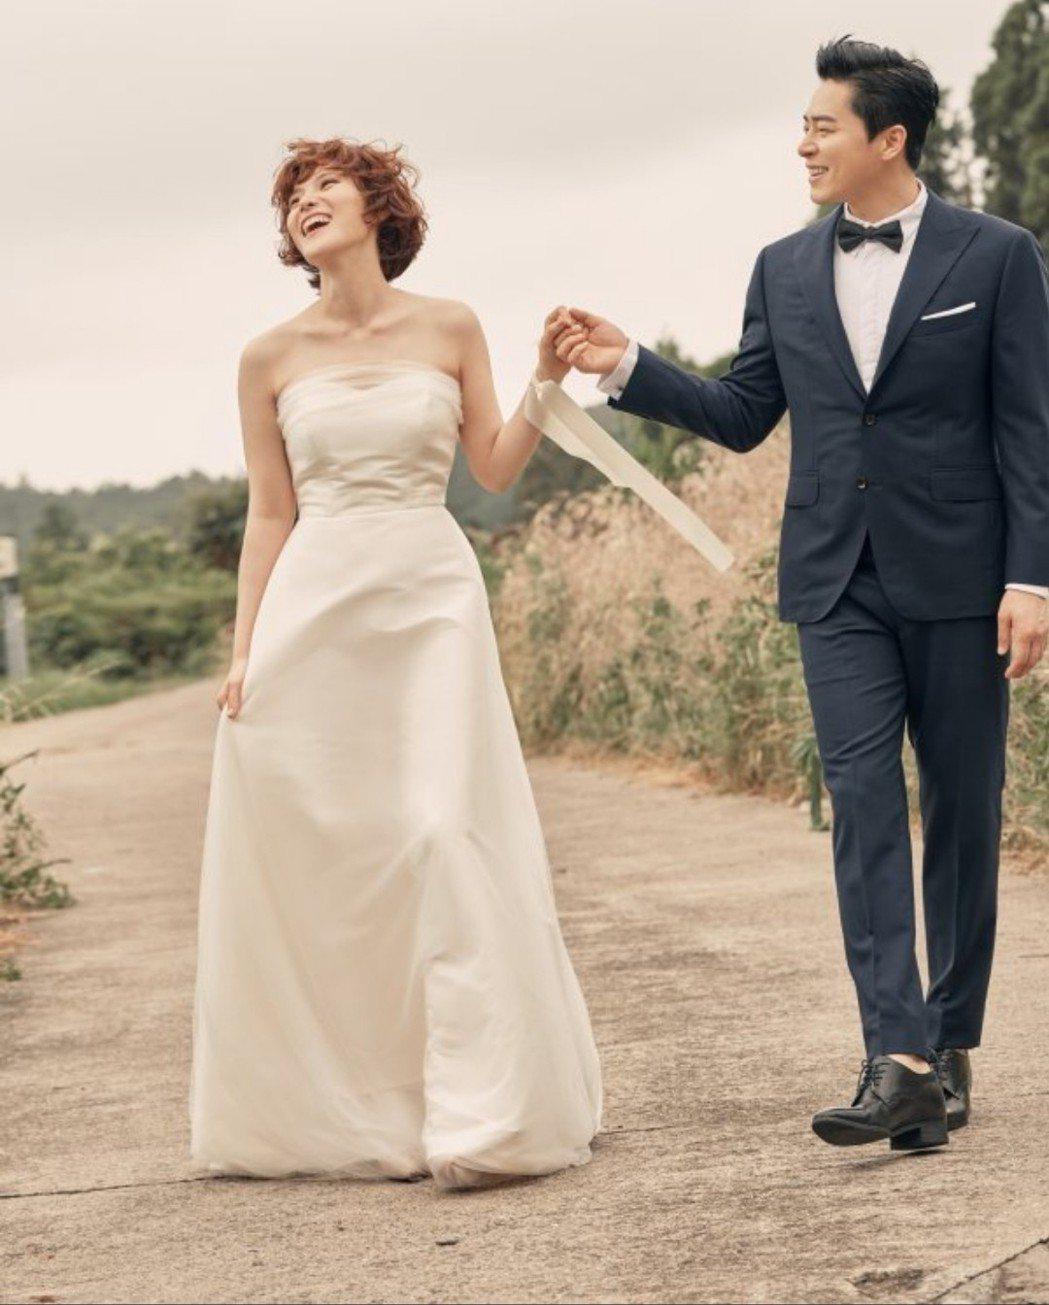 GUMMY和曹政奭的婚紗照生動自然。圖/摘自東亞日報